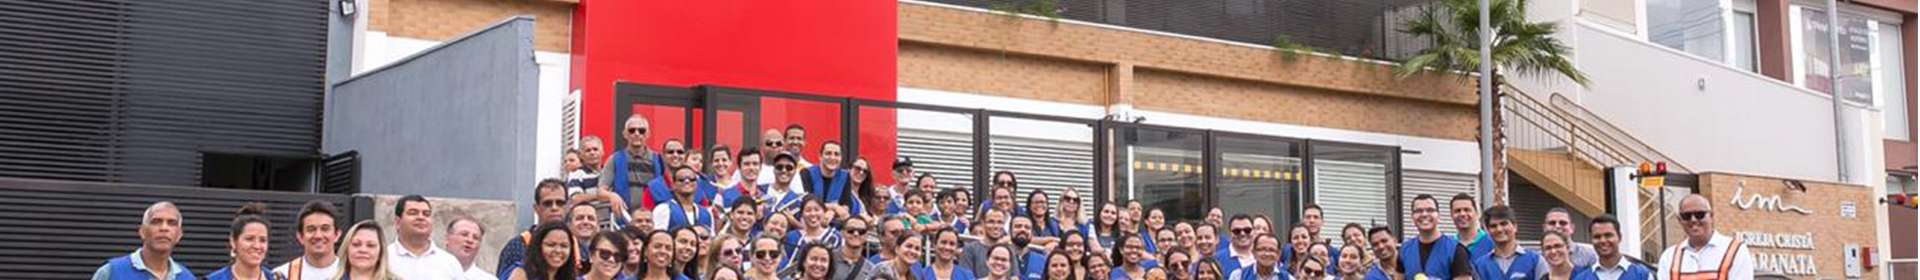 Igreja Cristã Maranata realiza evangelização em Águas Claras, DF